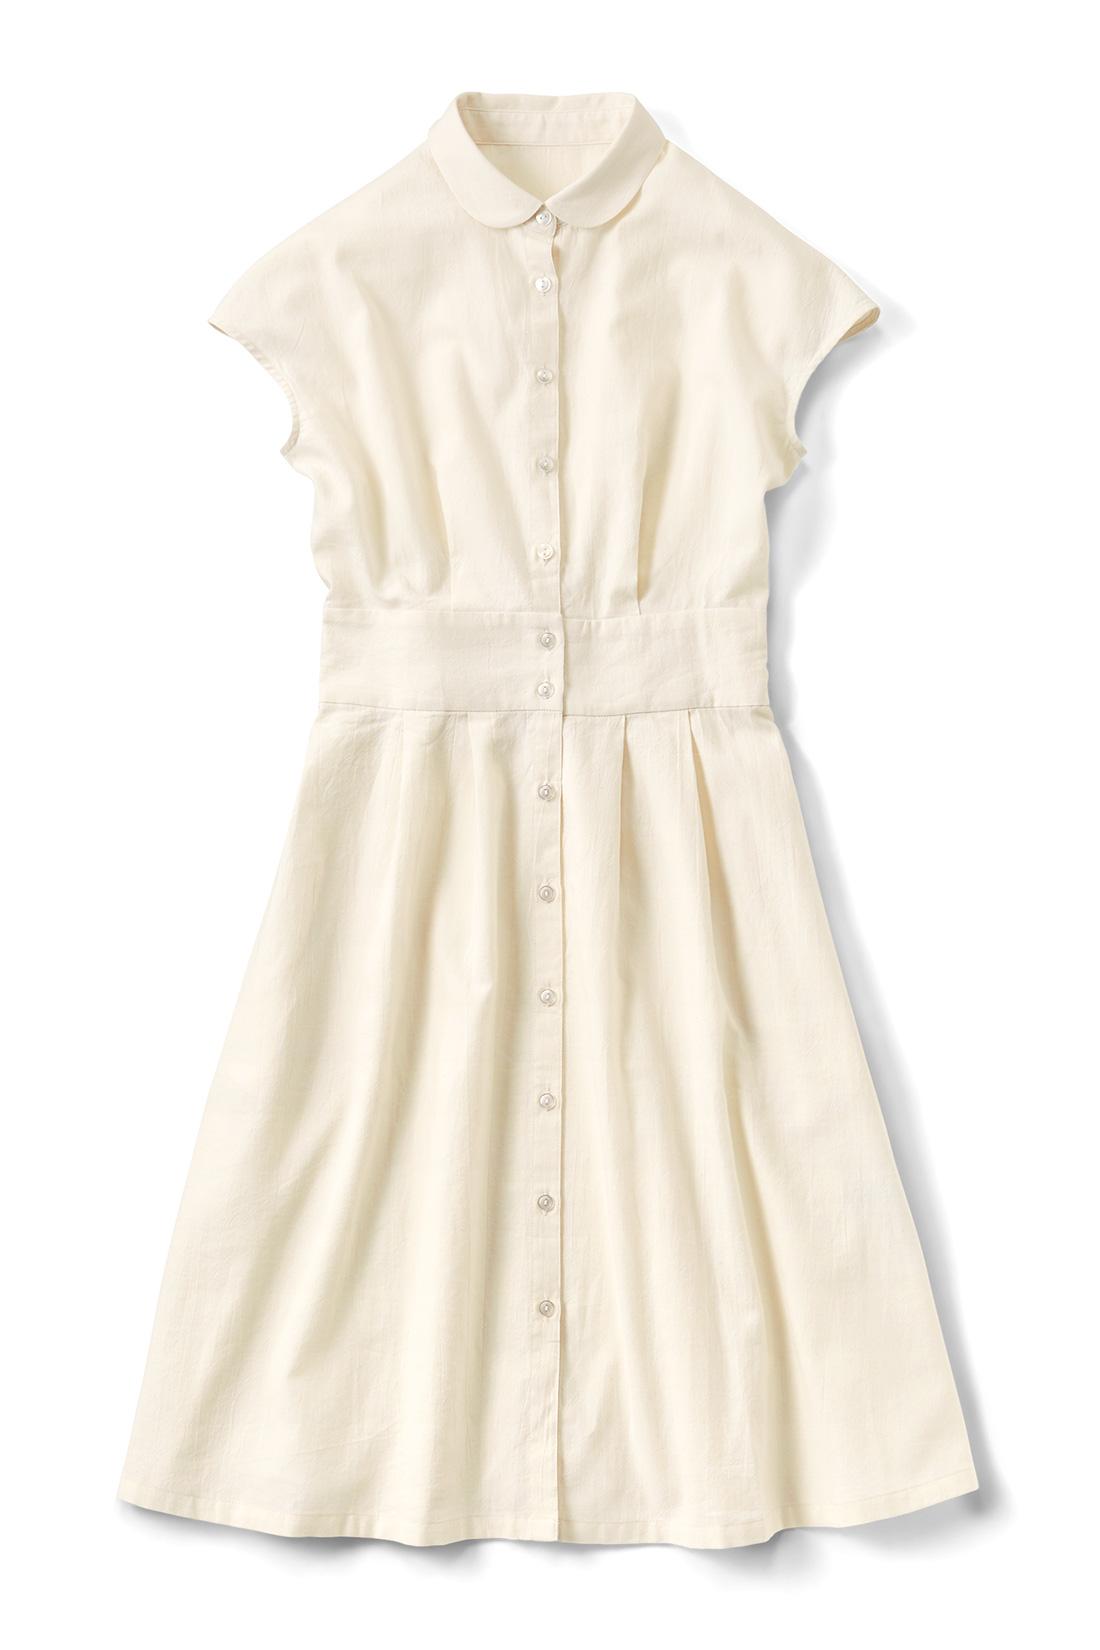 〈オフホワイト〉 タックでふんわりオトナかわいい。前を開けてはおるようにも着られます。